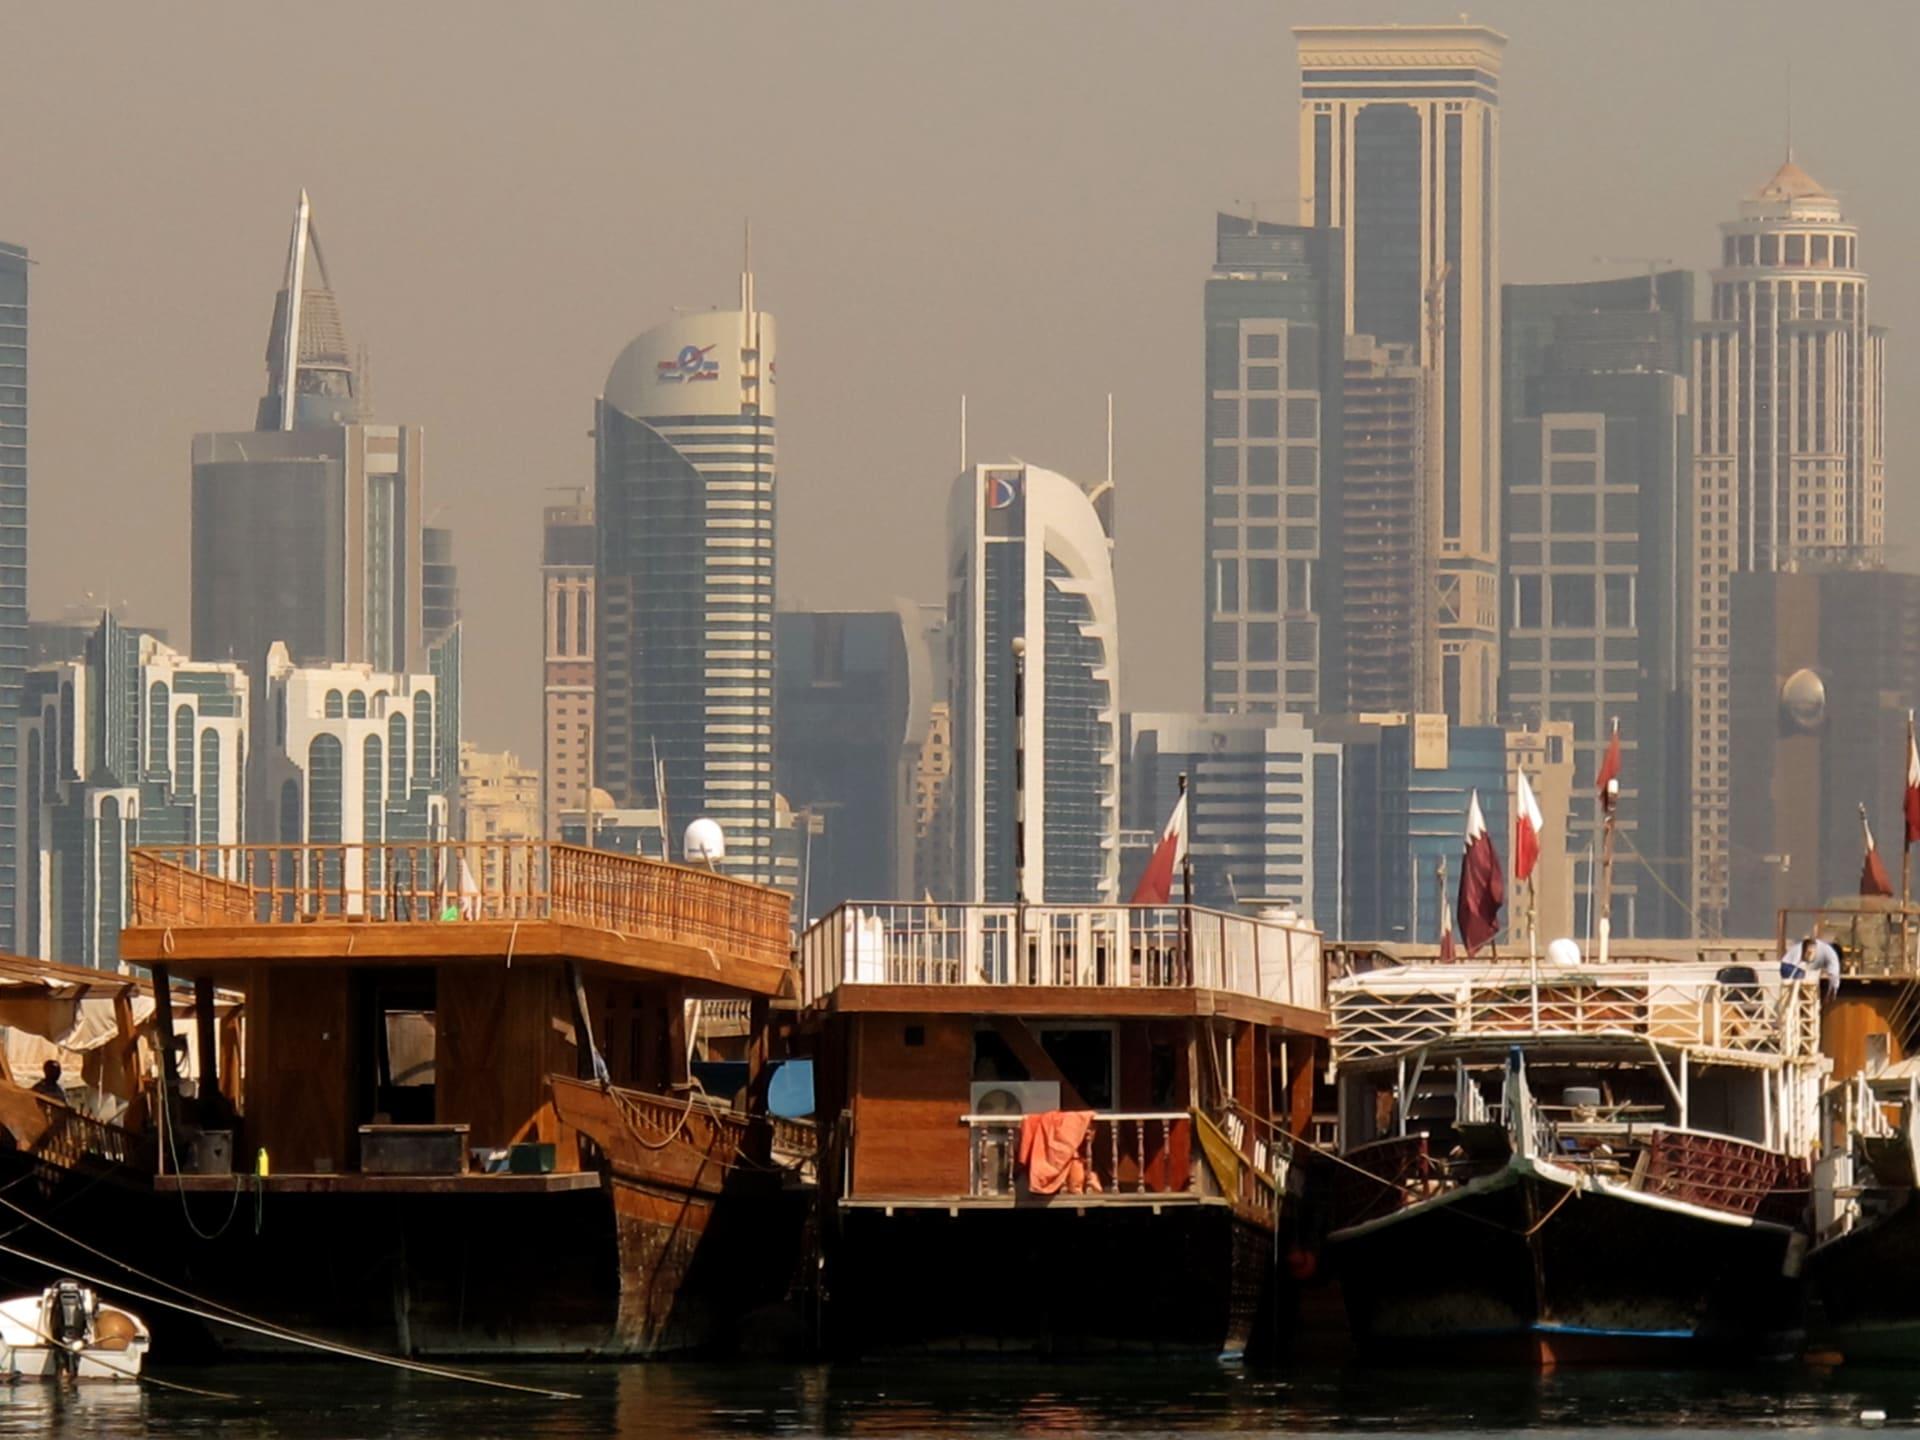 قطر تحتجز طراداً من البحرين بعد دخوله المياه الإقليمية